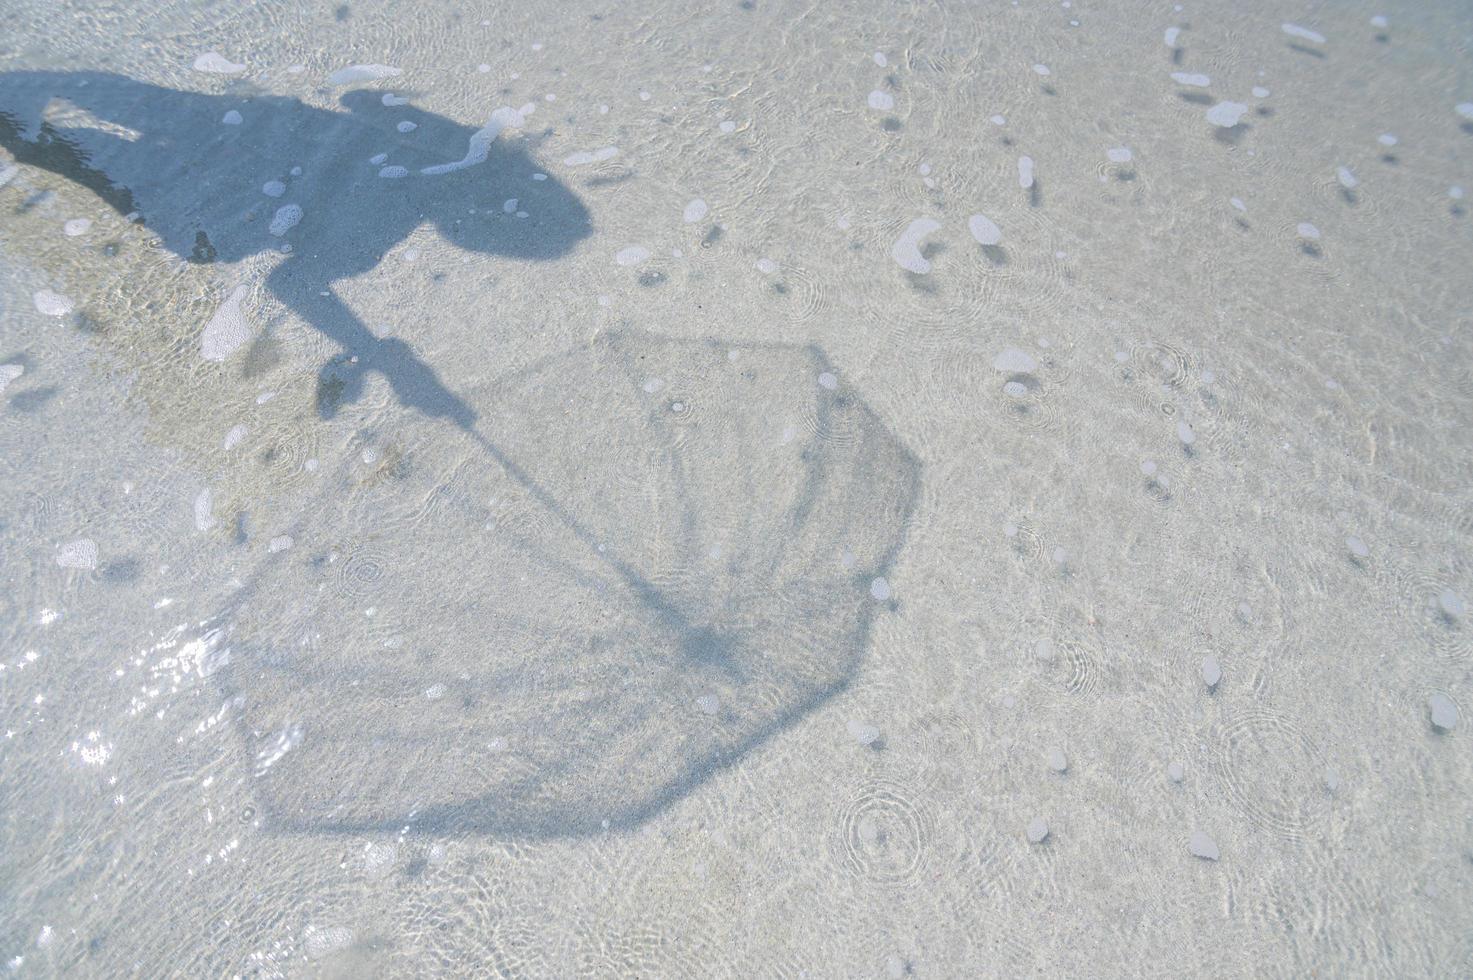 ombra nell'acqua limpida in riva al mare foto